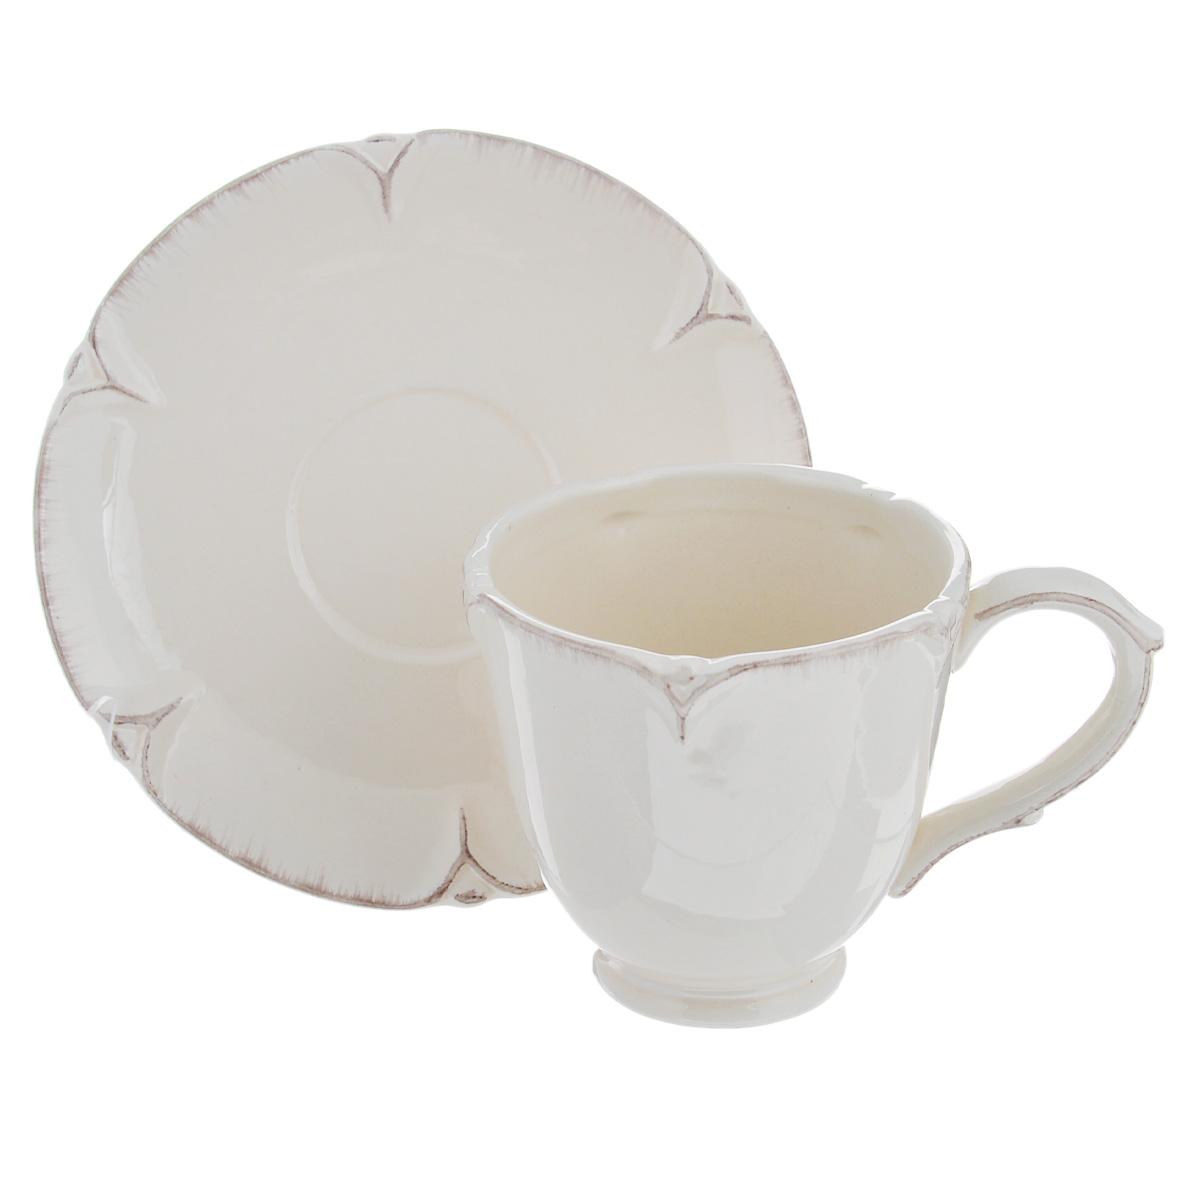 Чайная пара Lillo Ideal, 2 предмета. 214203VT-1520(SR)Чайная пара Lillo Ideal сочетает в себе изысканный дизайн с максимальной функциональностью. Чашка с блюдцем выполнены из высококачественной керамики. Оформление придется по вкусу и ценителям классики, и тем, кто предпочитает утонченность и изысканность. Такая чайная пара станет отличным сувениром для ваших друзей и близких.Можно использовать в посудомоечной машине и микроволновой печи. Диаметр чашки по верхнему краю: 9 см.Высота чашки: 9 см.Объем чашки: 300 мл.Диаметр блюдца: 15 см.